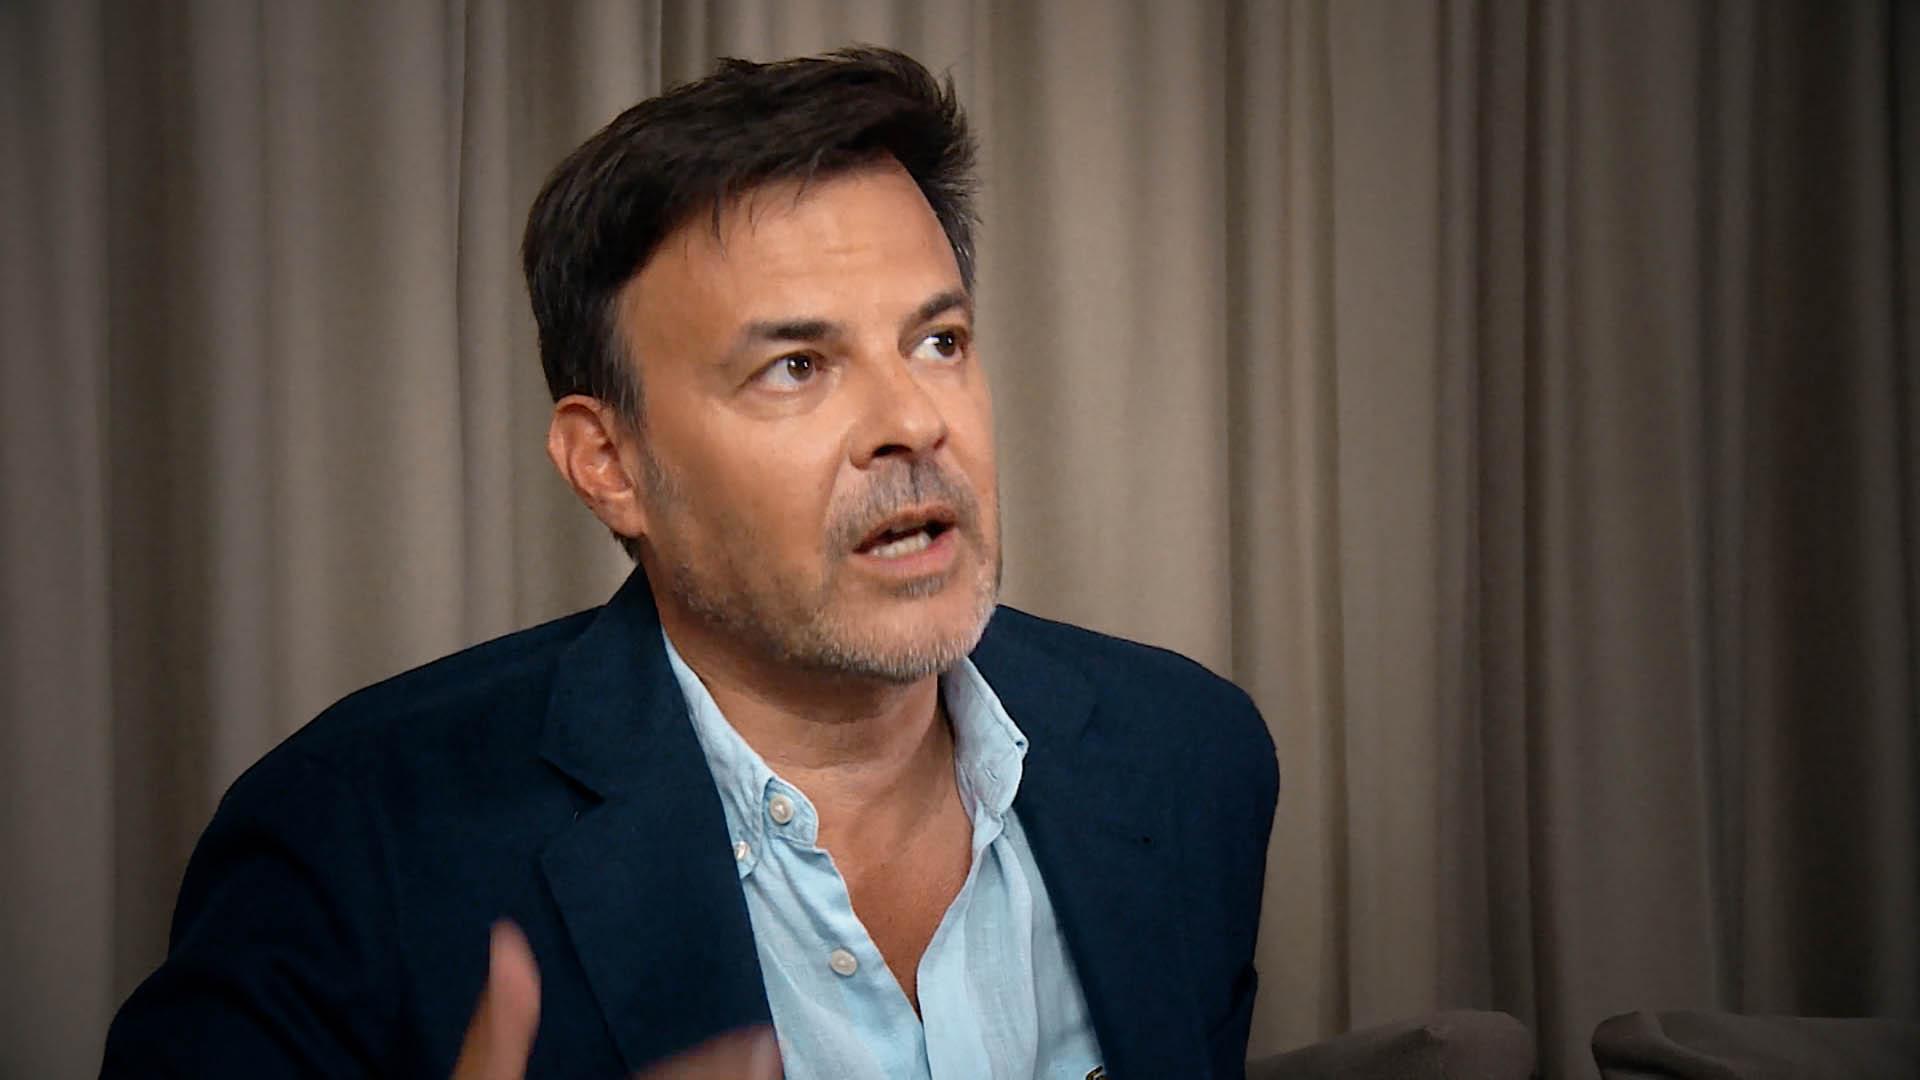 Regisseur François Ozon berichtet in dem Film, wie mutige Männer gegen den sexuellen Missbrauch innerhalb der Kirche vorgehen